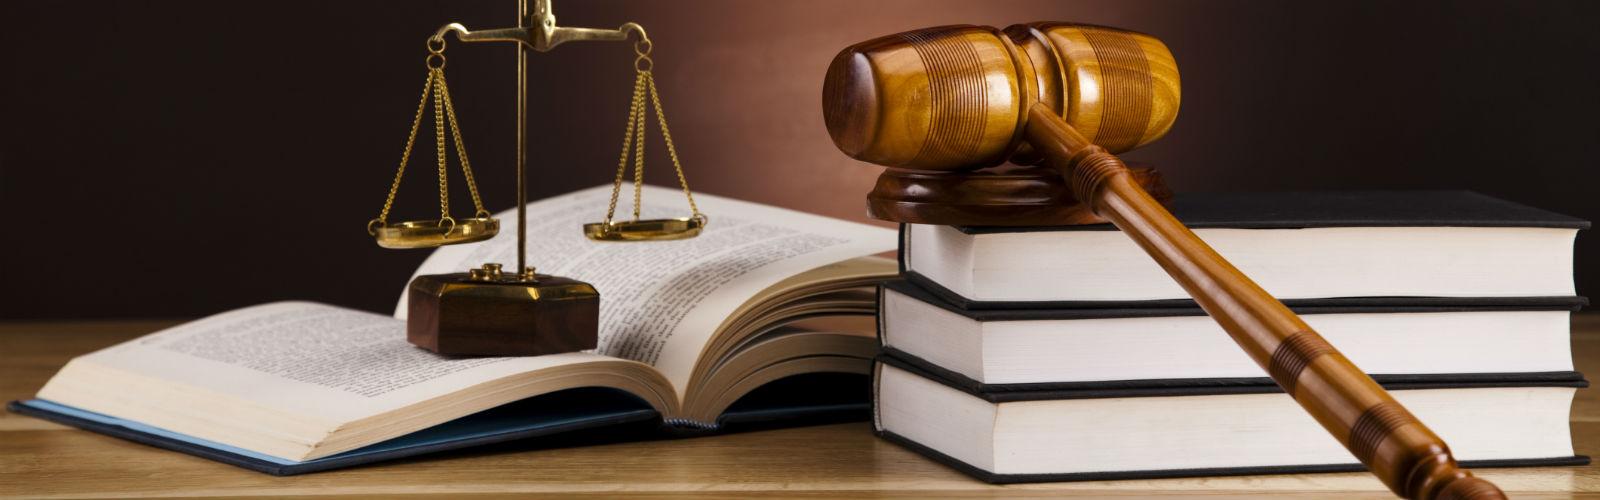 Hiring a Criminal Defense Lawyer for Drug Charges